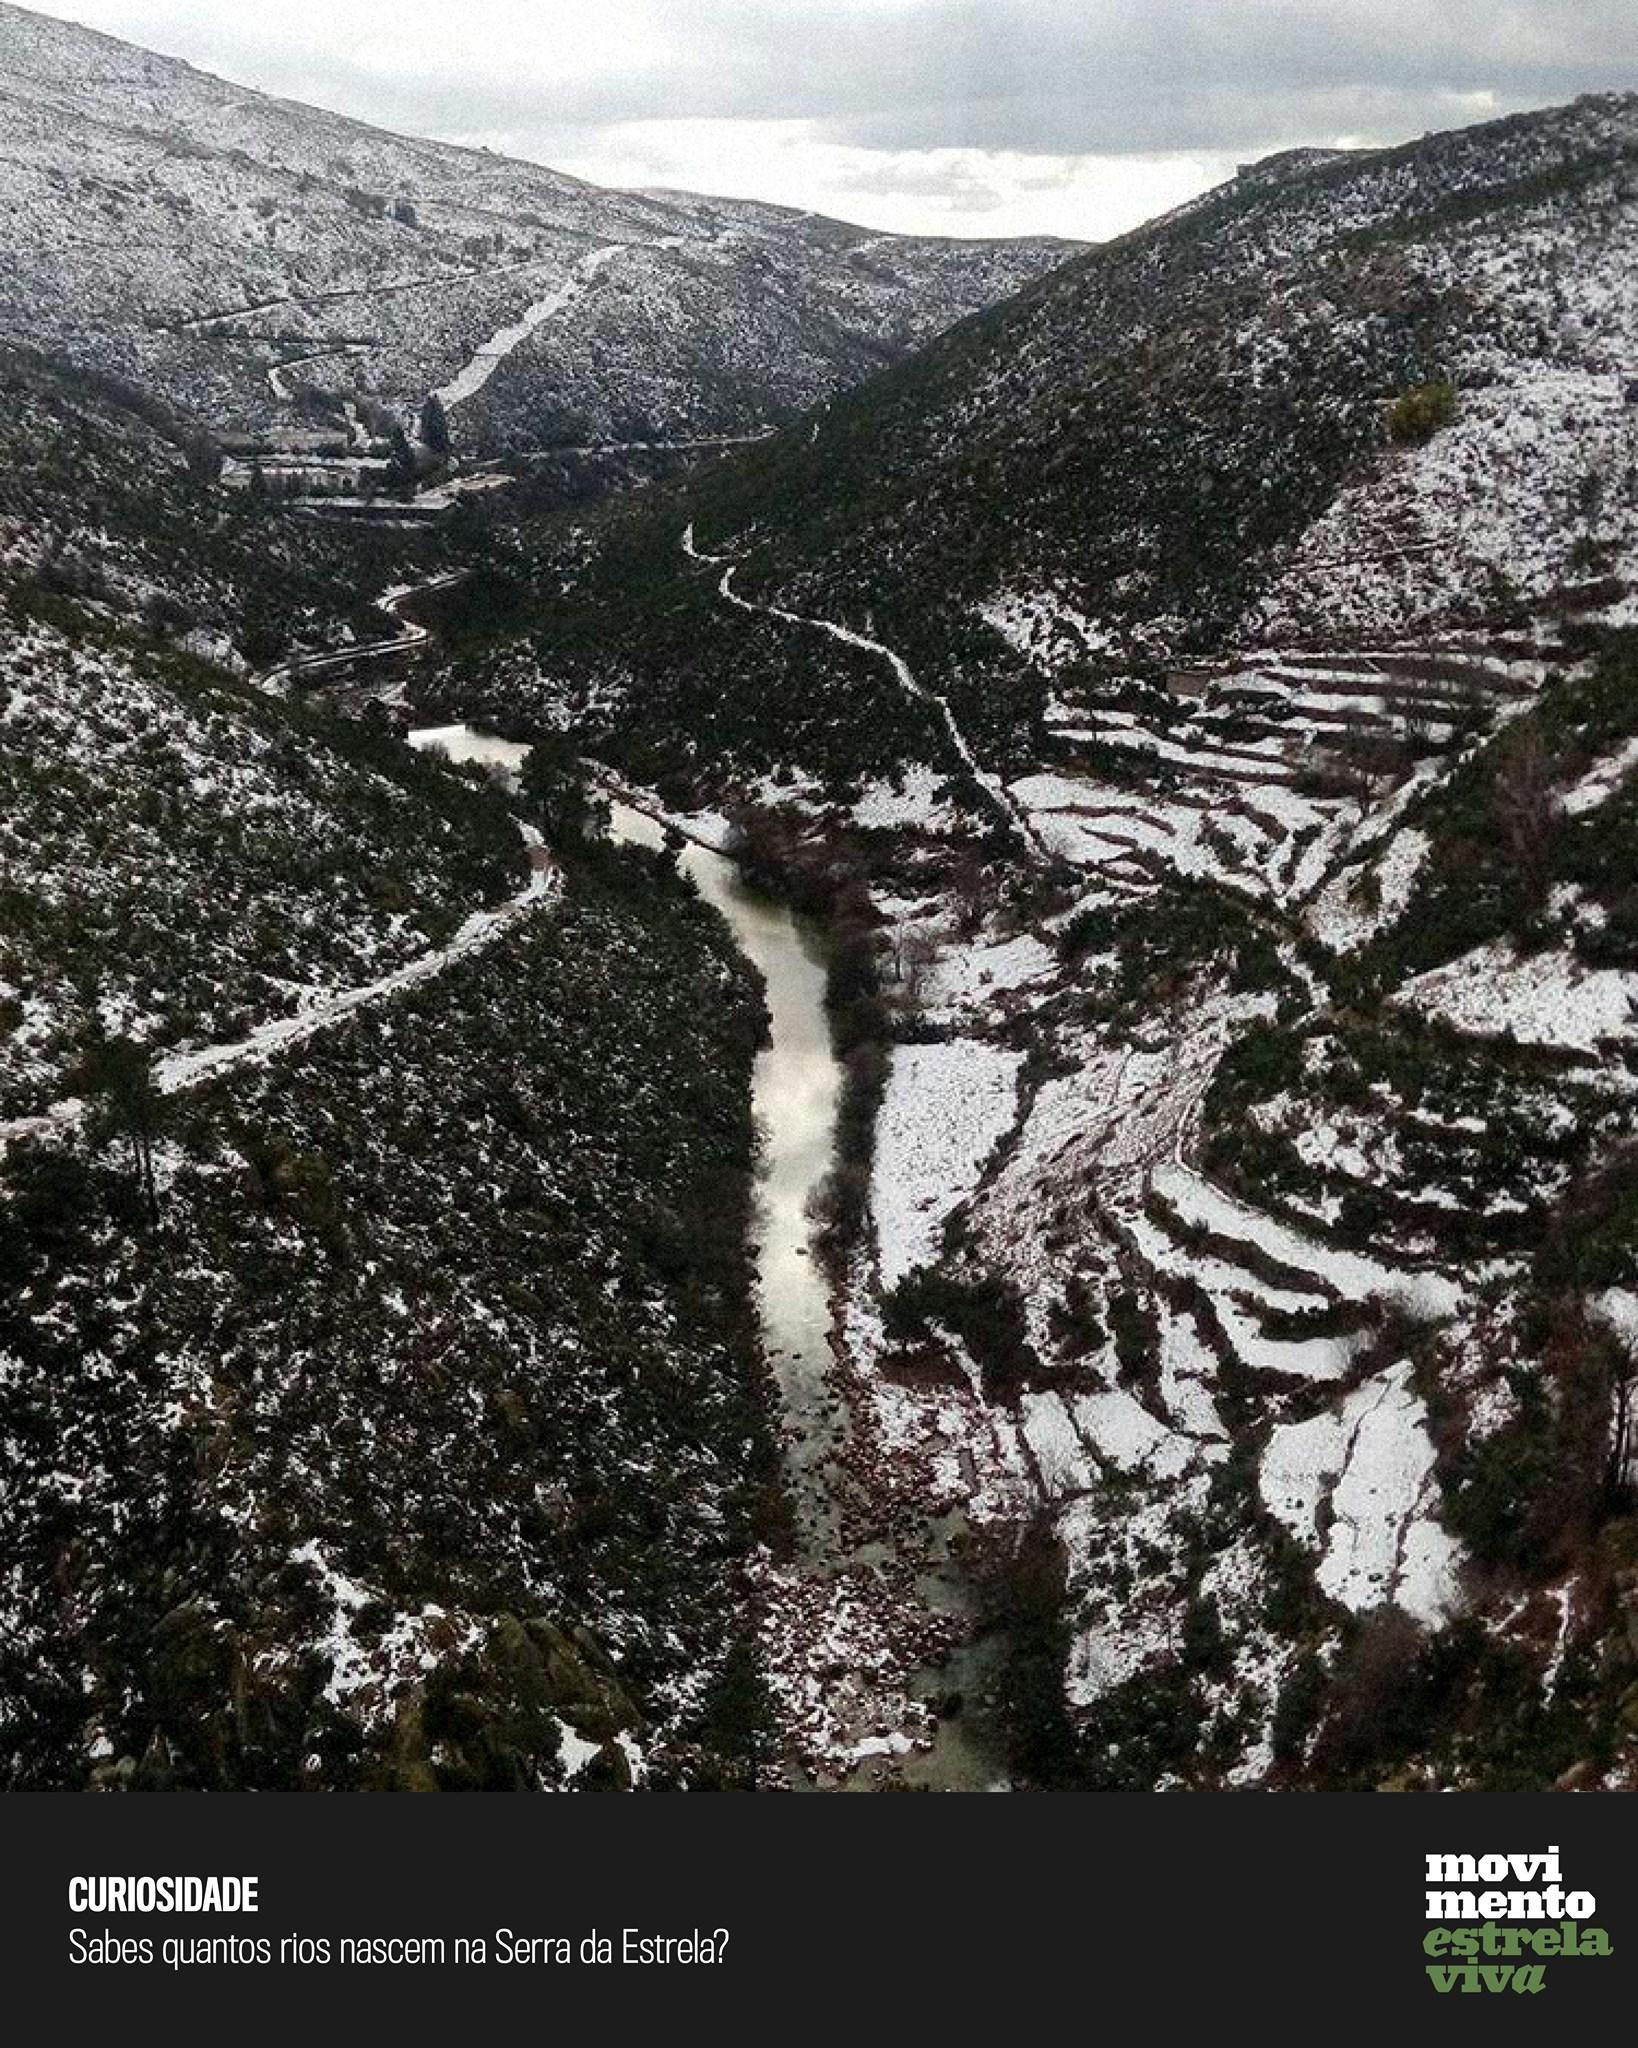 Curiosidade #17 – Sabes quantos rios nascem na Serra da Estrela?